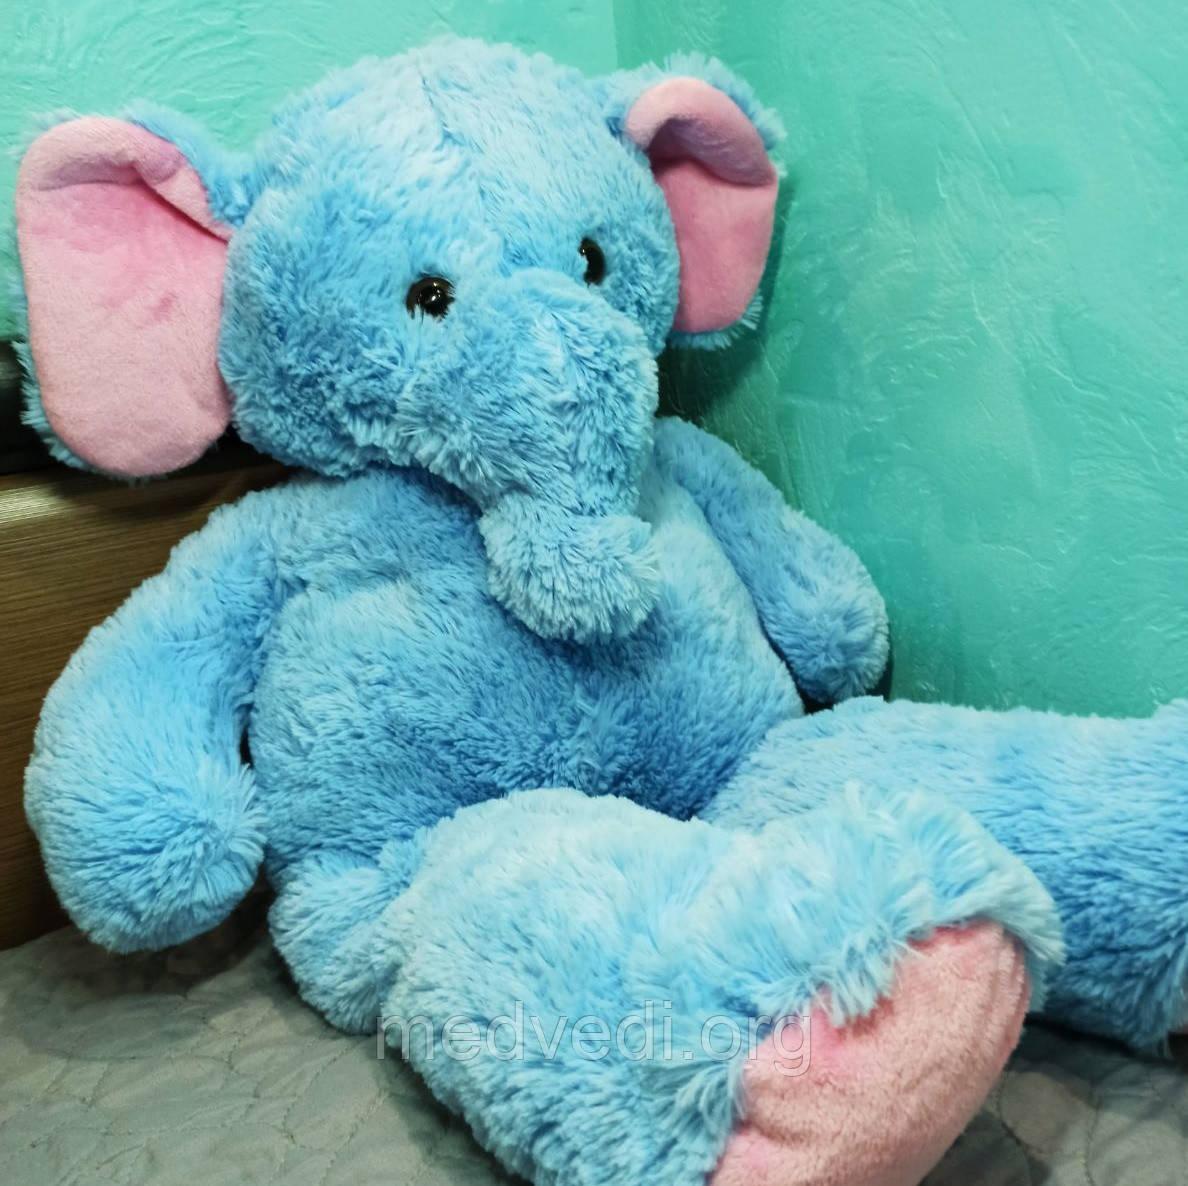 Плюшевая игрушка синий слон 80 см, мягкий подарок